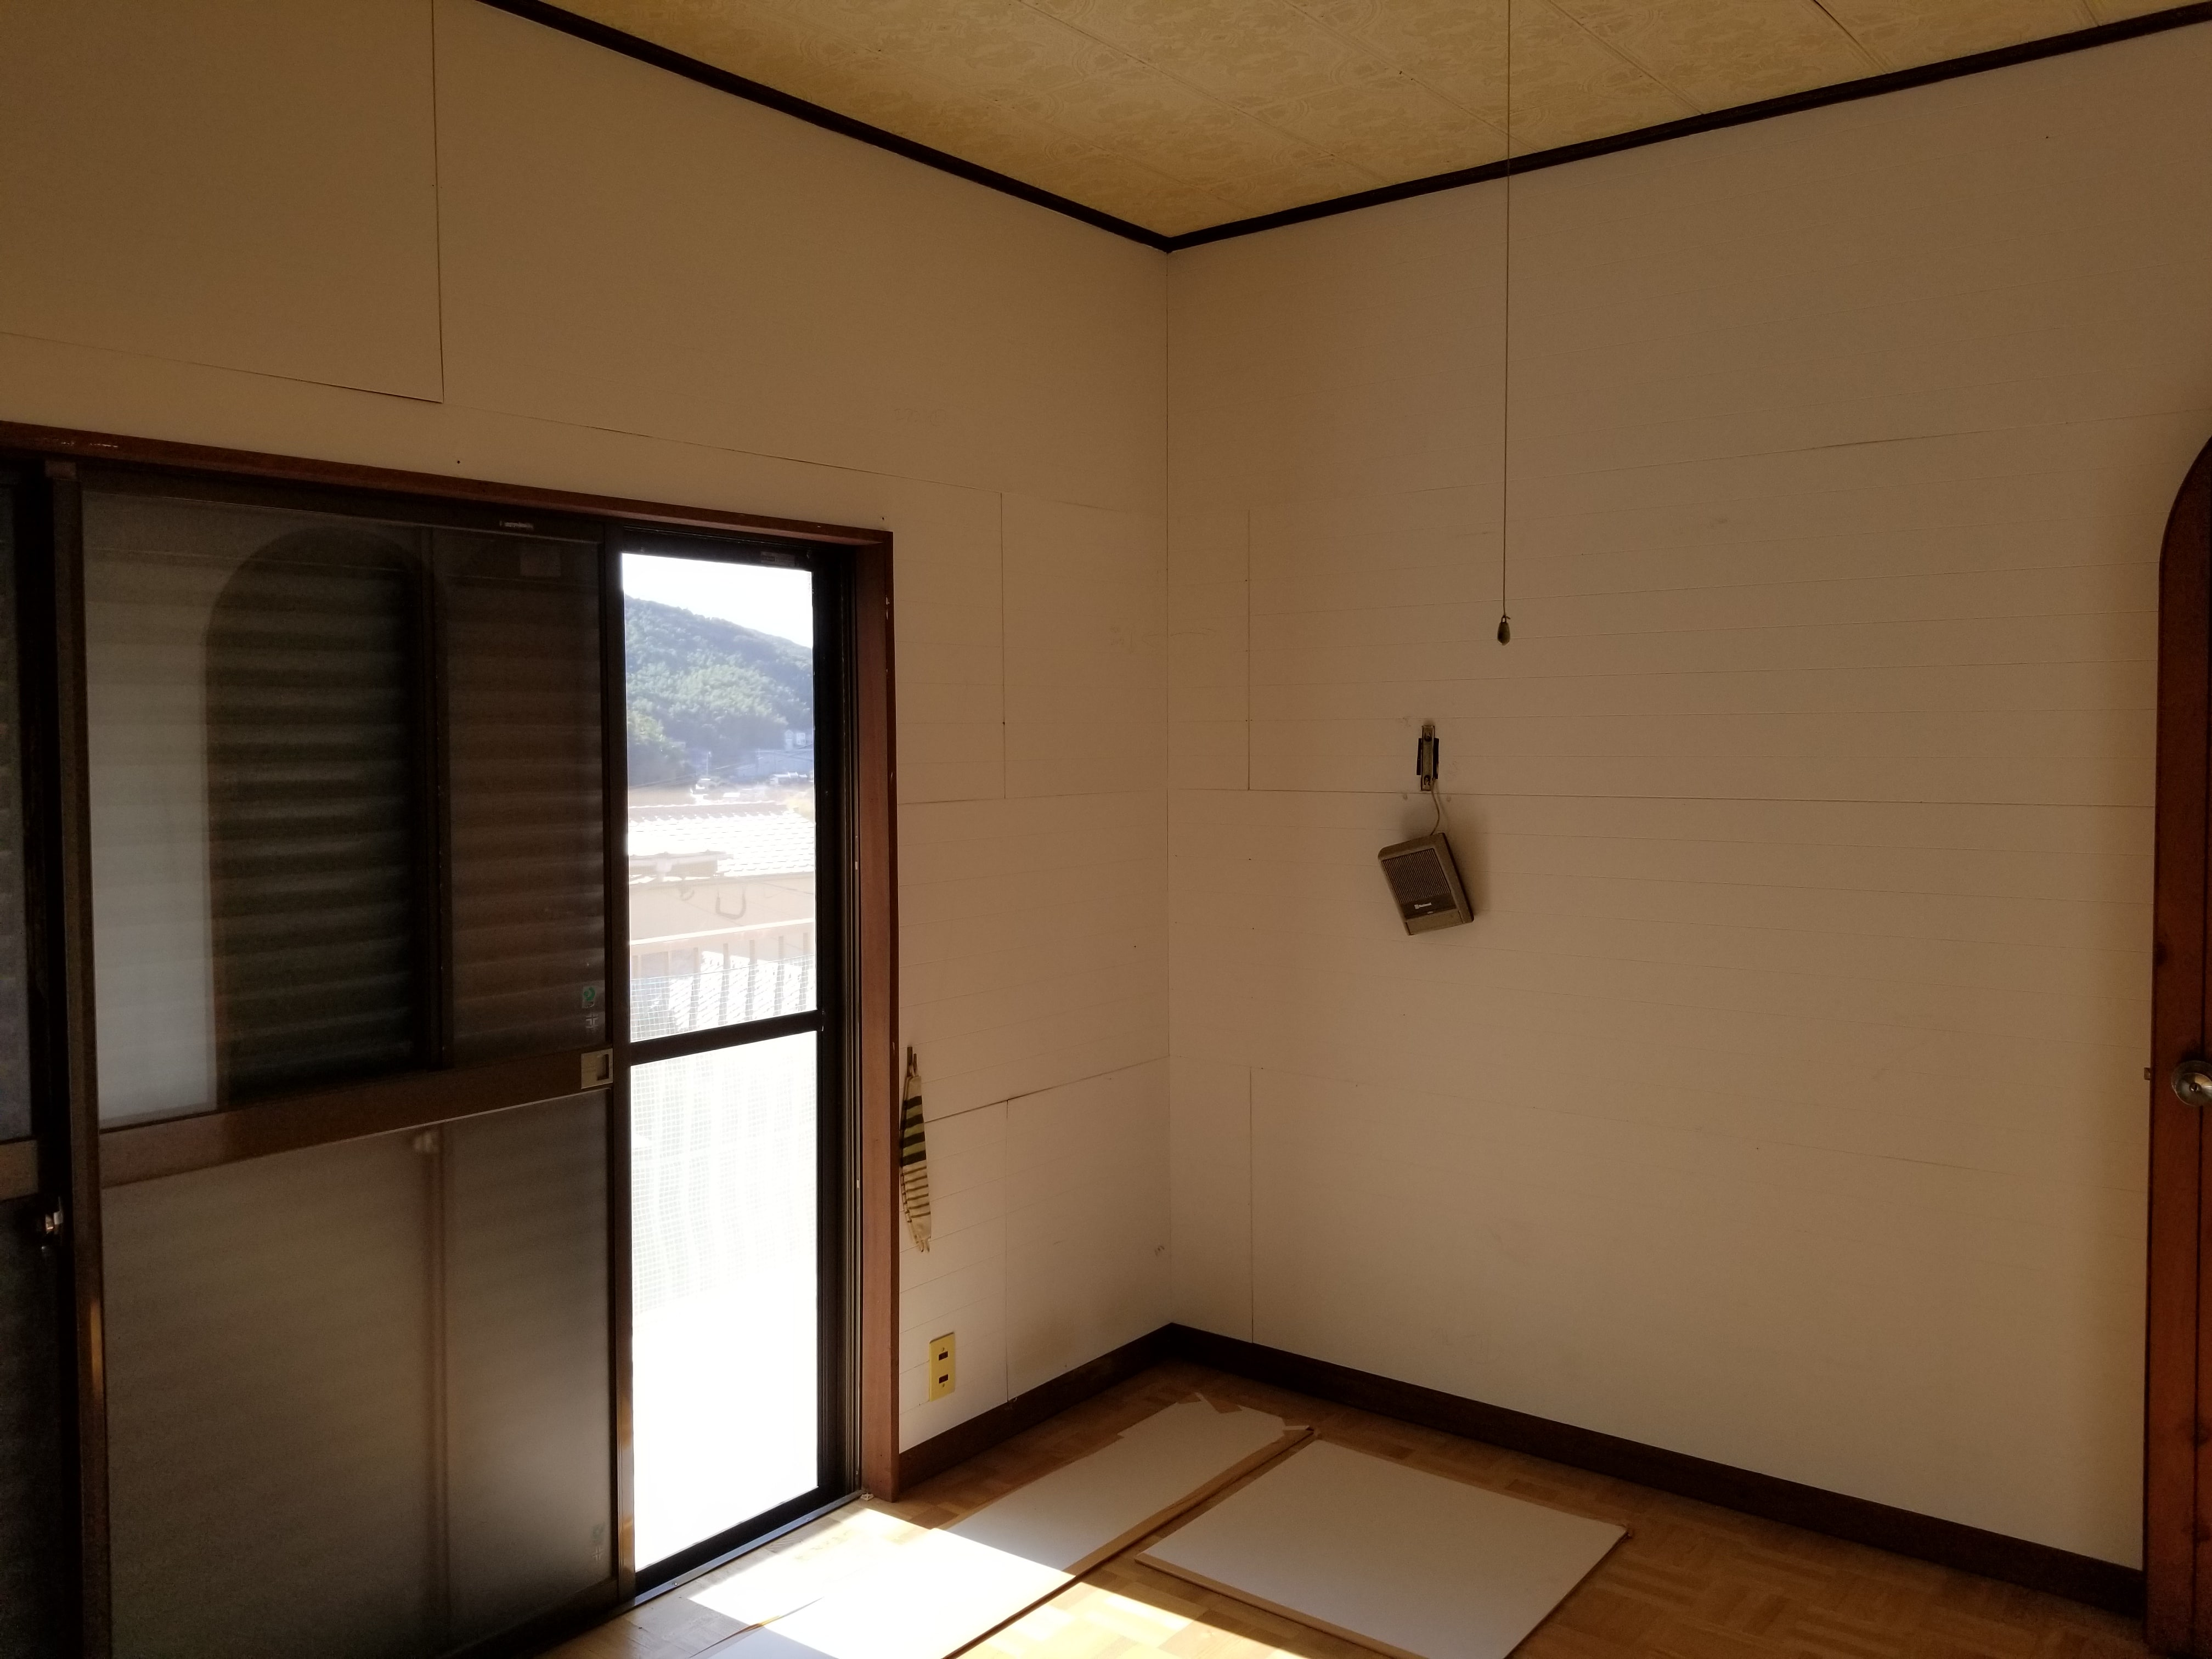 長崎市で寝室の壁紙を張り替えるリフォーム 長崎壁紙 クロス